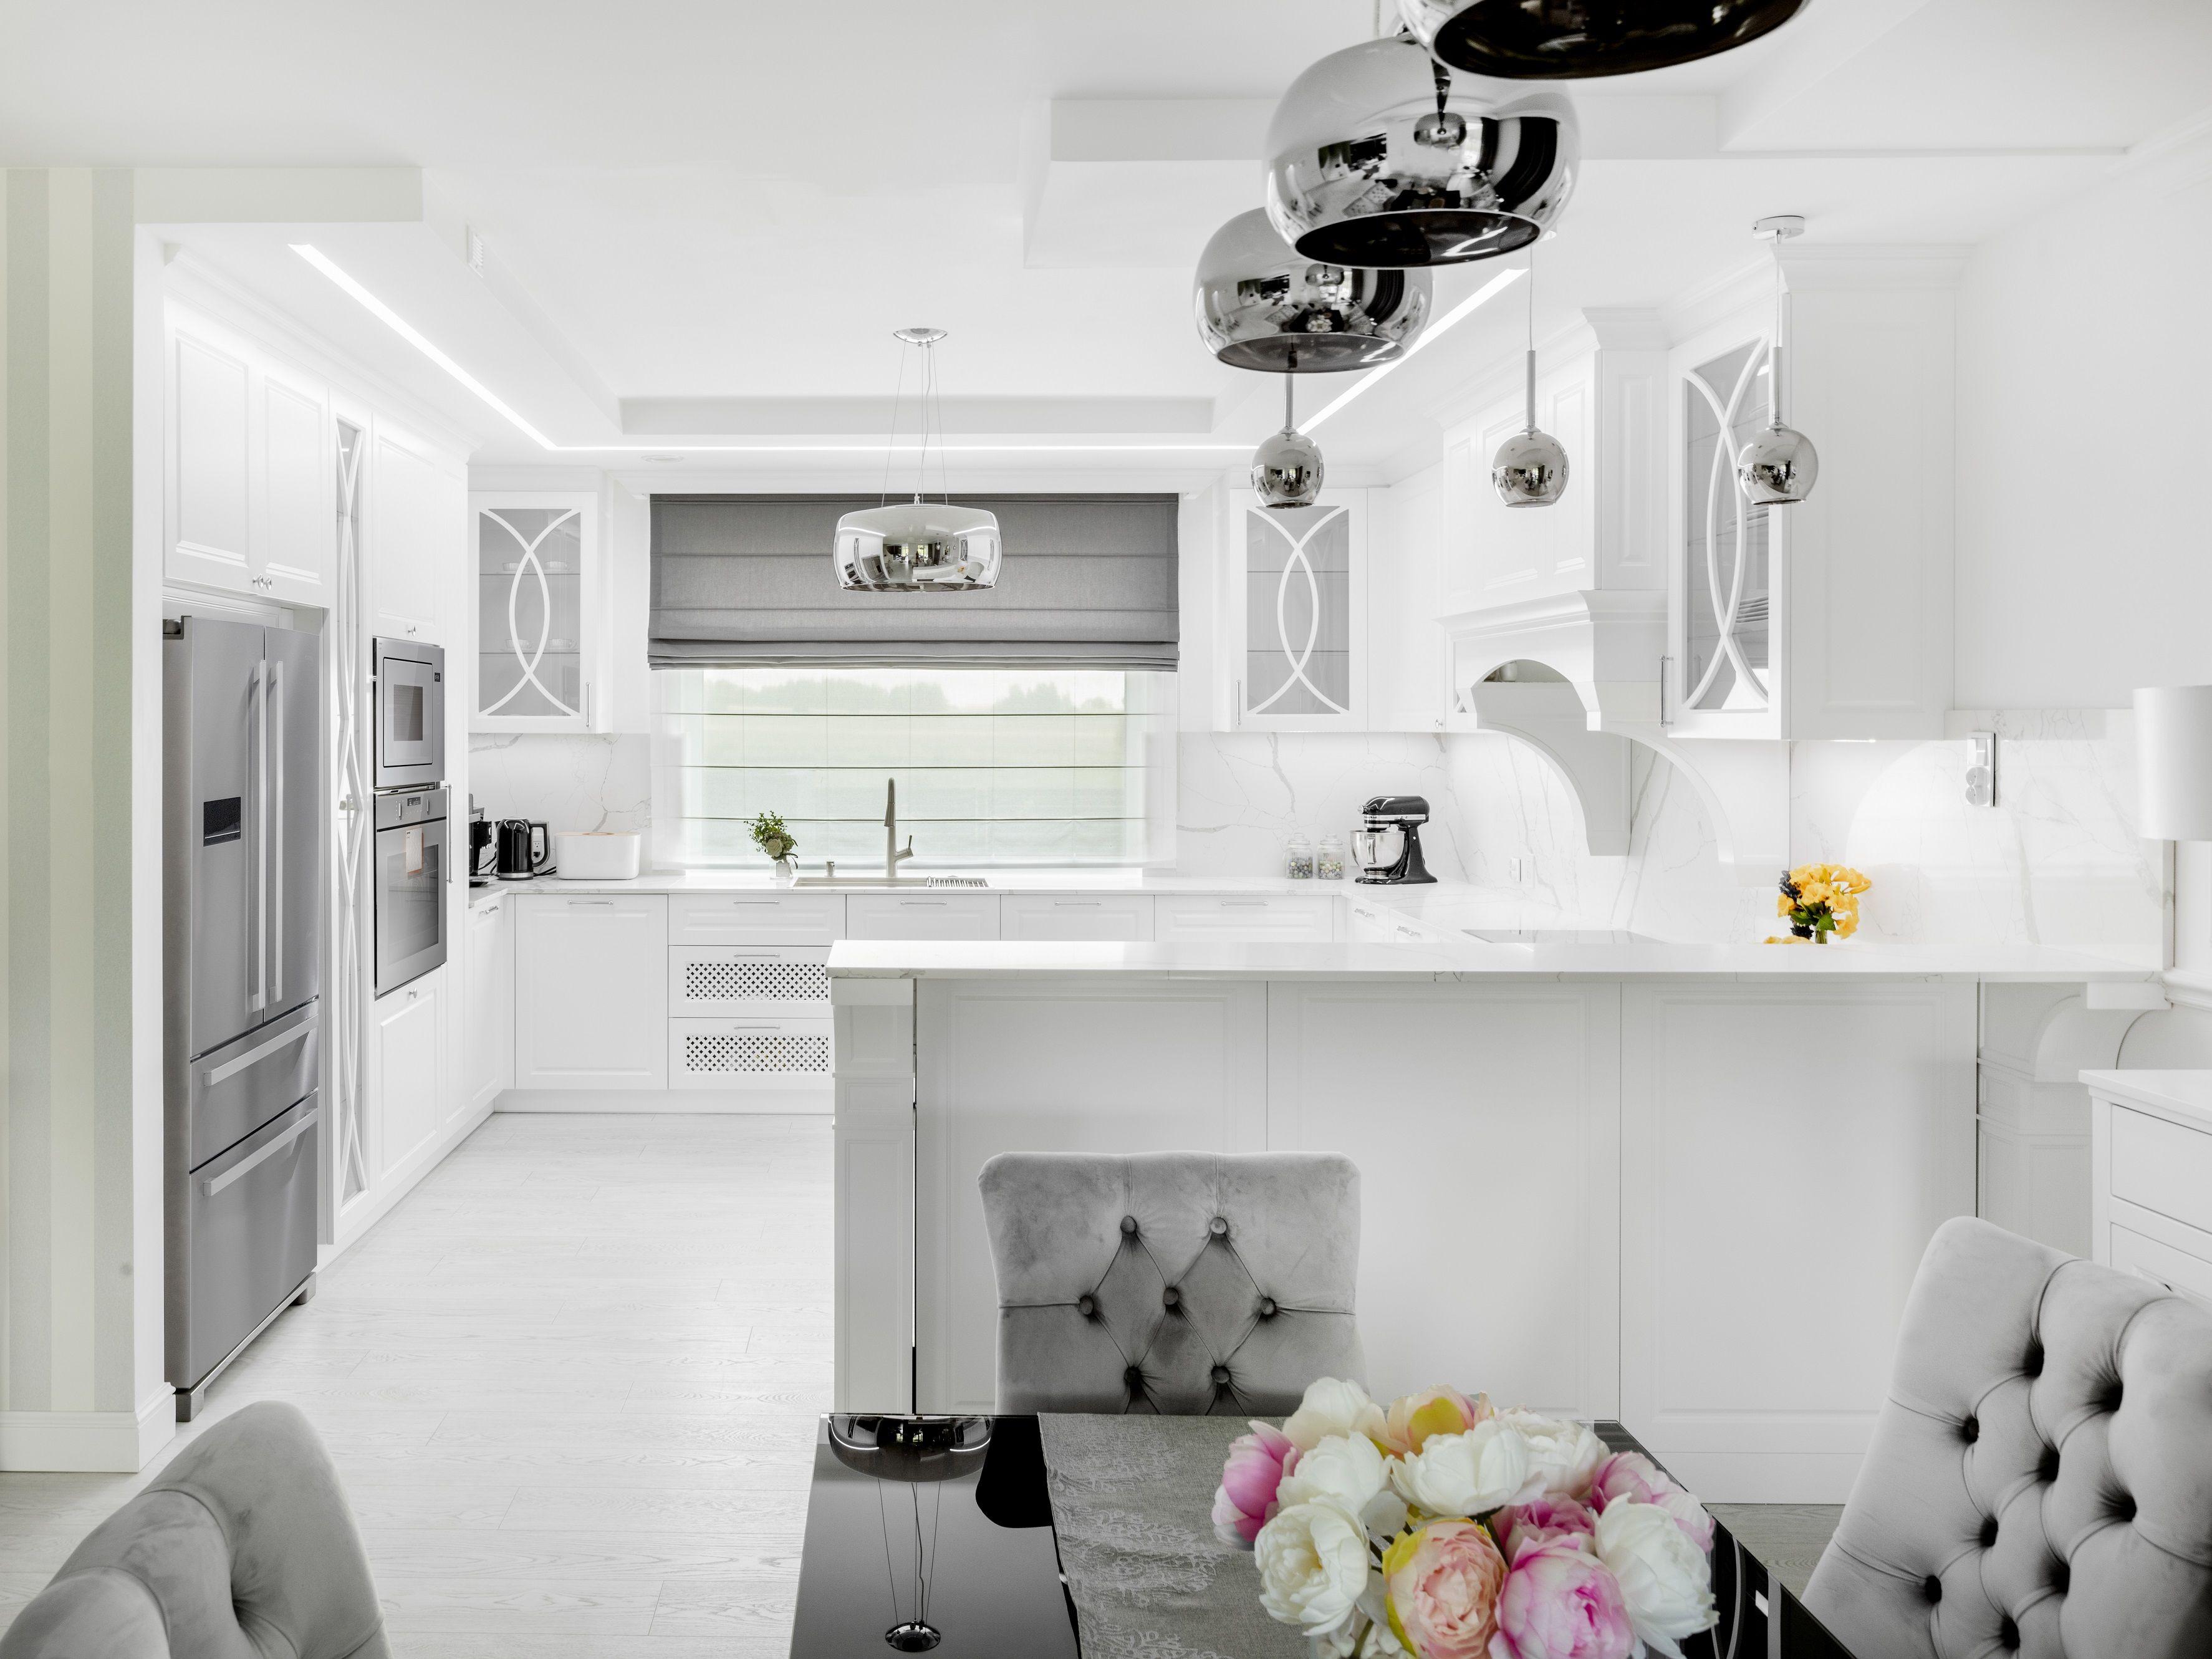 Zainspiruj Sie Wnetrzem Z Amerykanskim Rozmachem Jasna Przestronna Aranzacja Z Eleganckimi Dodatkami I Detalami Elemen Home Decor Furniture Kitchen Cabinets